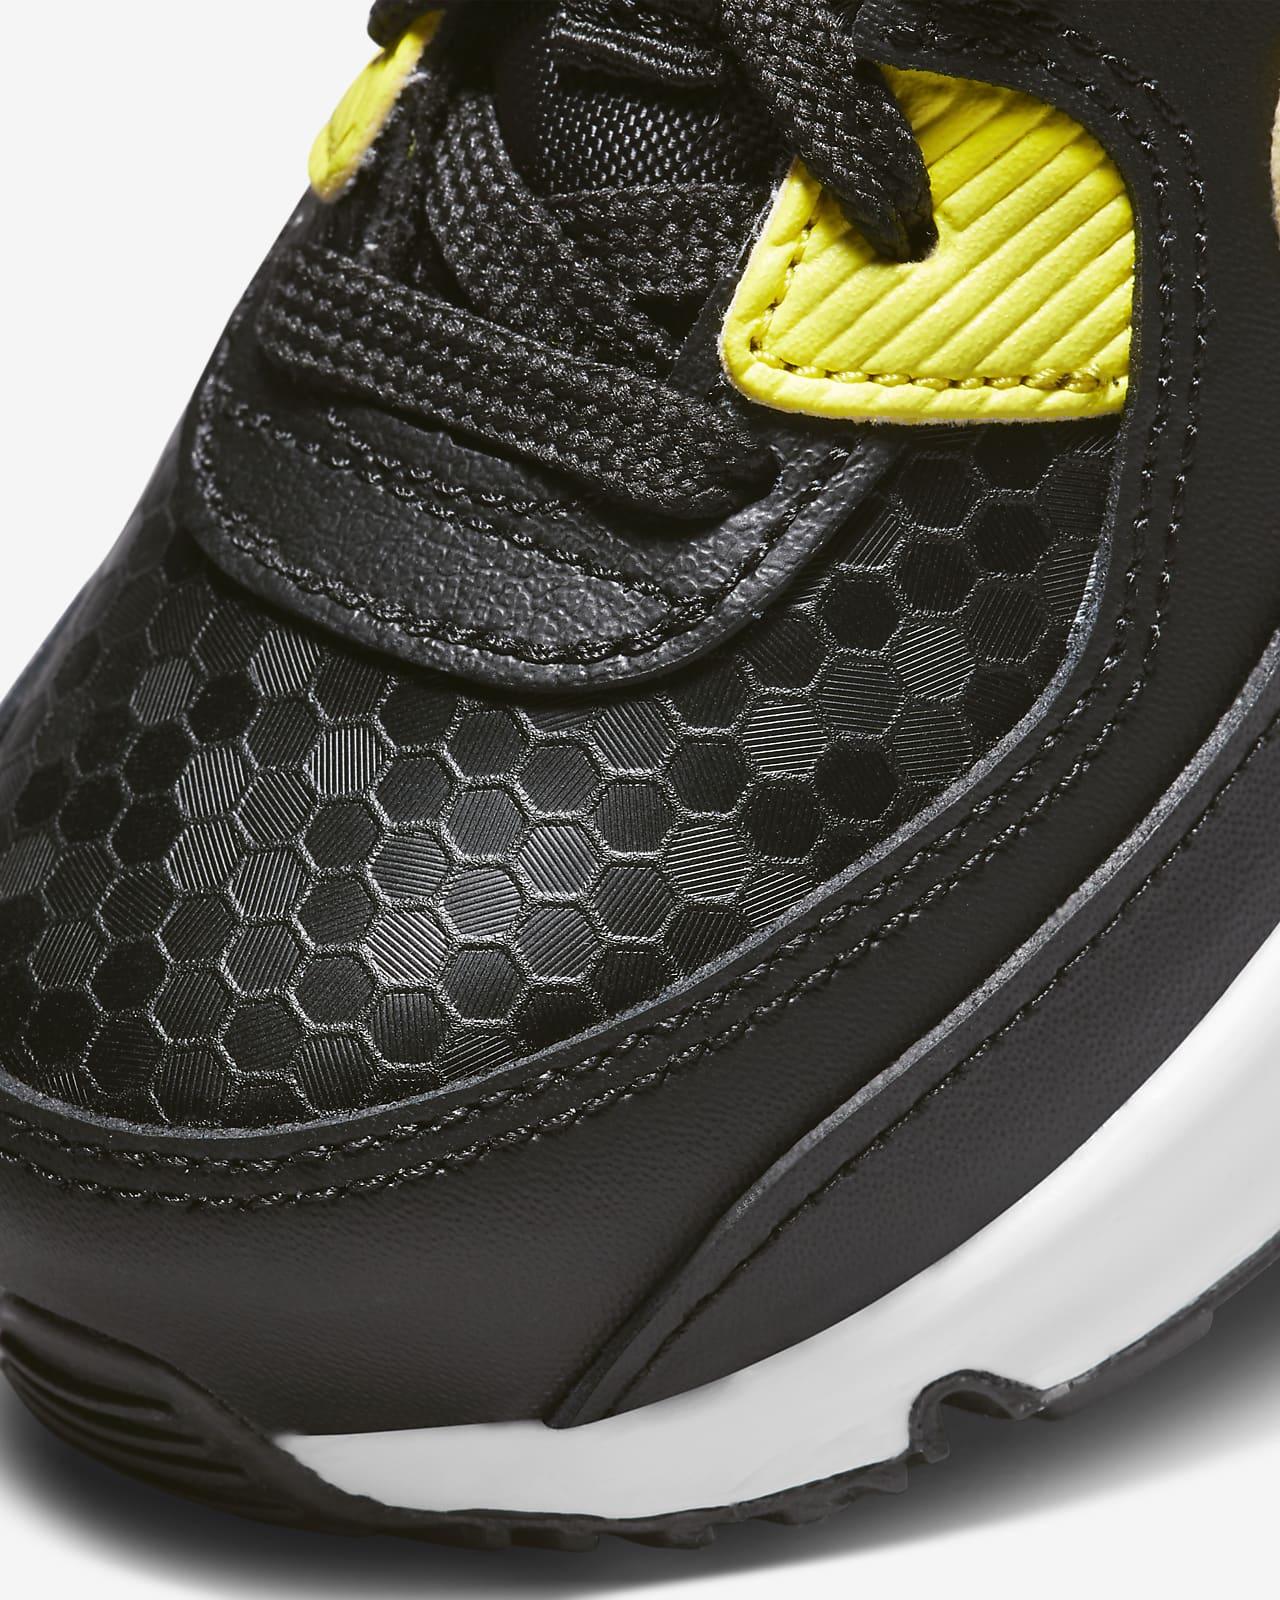 Chaussure Nike Air Max 90 SE « Lil Bugs » pour Bébé et Petit enfant